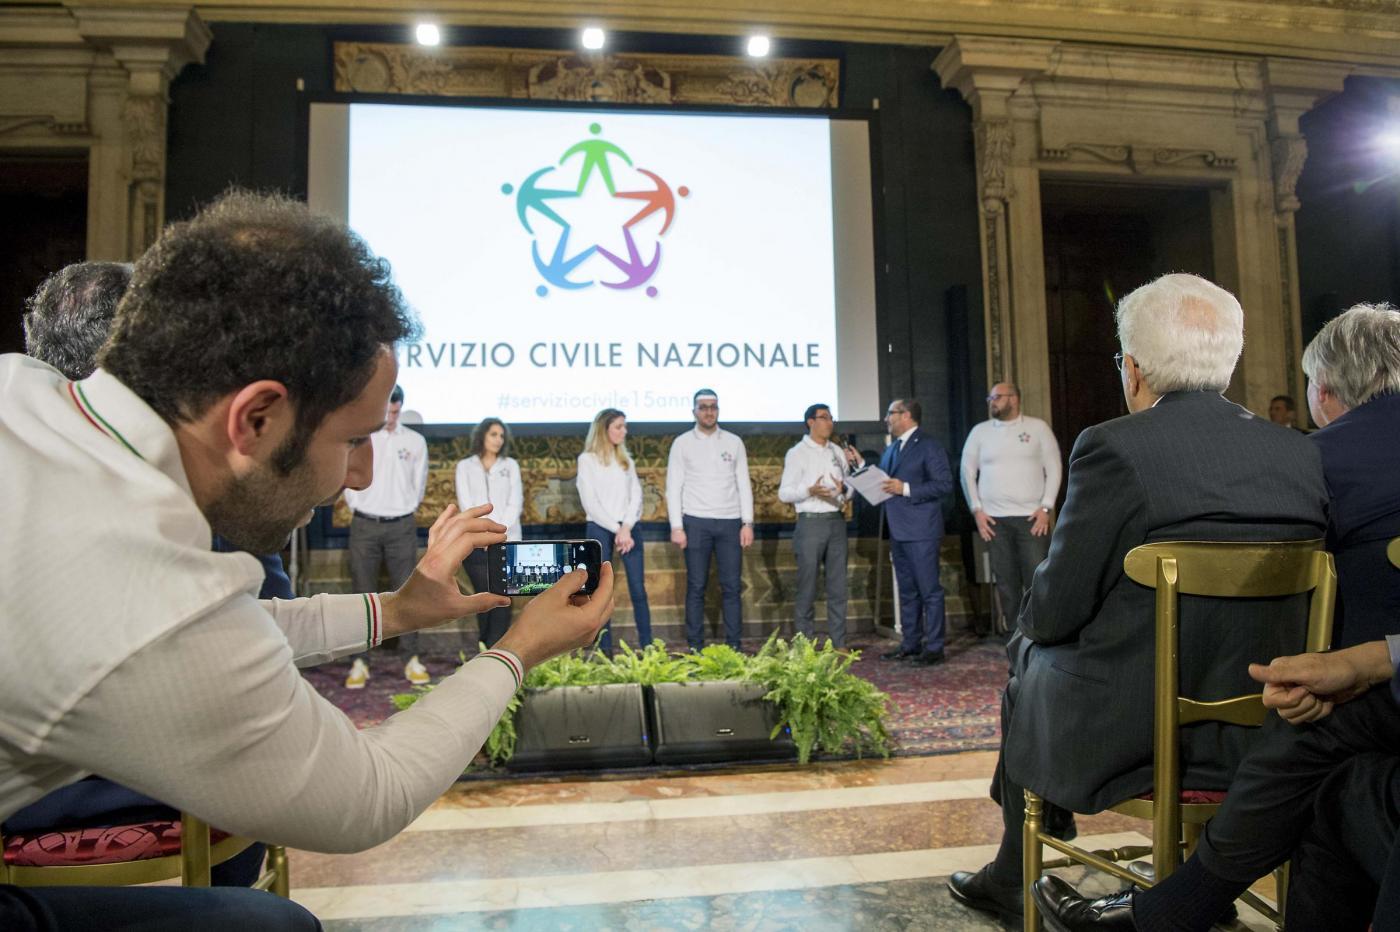 Volontari del Servizio Civile Nazionale con Mattarella Presidente della Repubblica